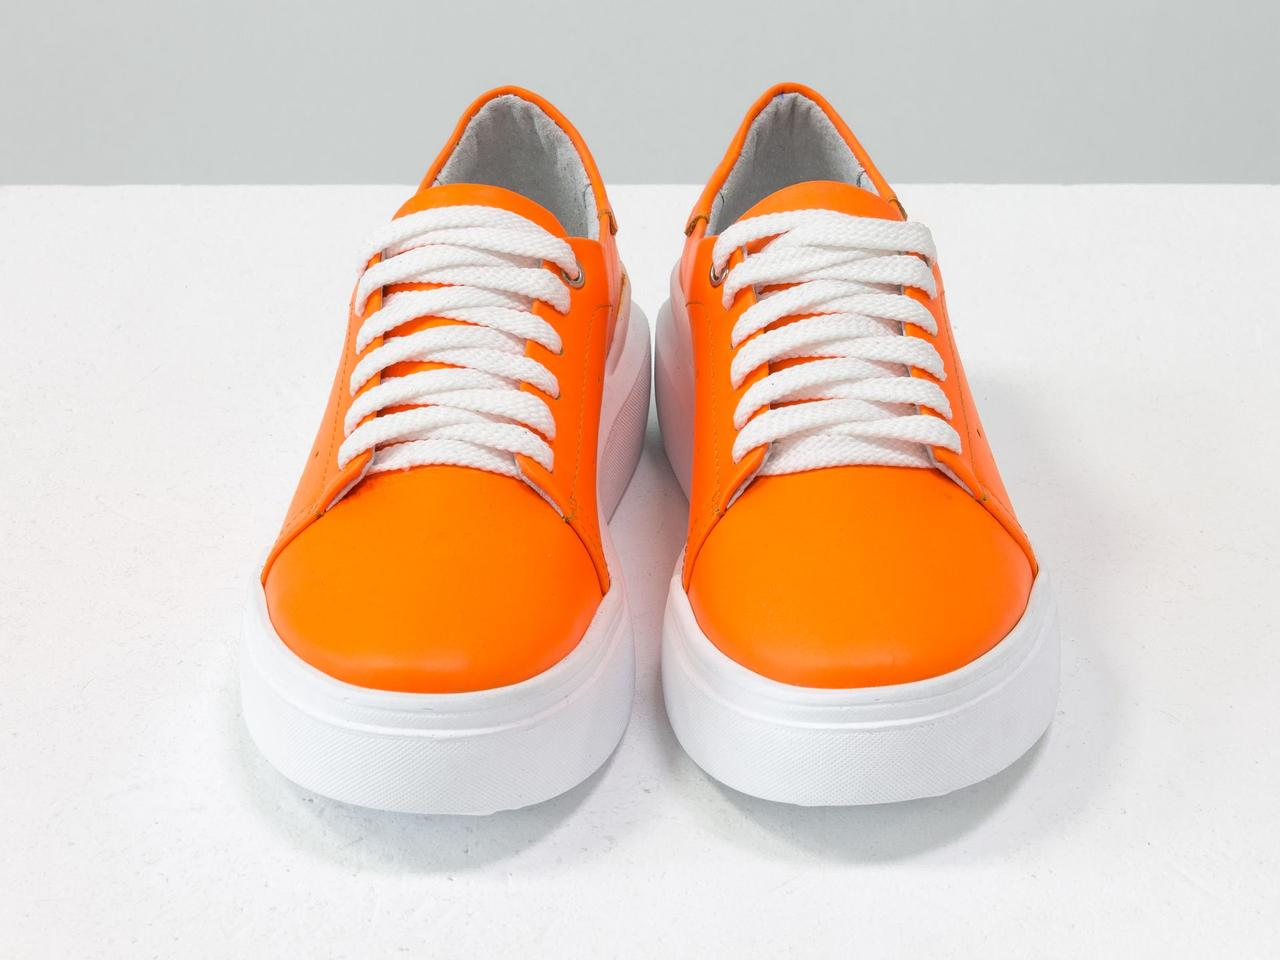 Невероятные неоновые кеды из натуральной матовой кожи ярко-оранжевого цвета - фото 4